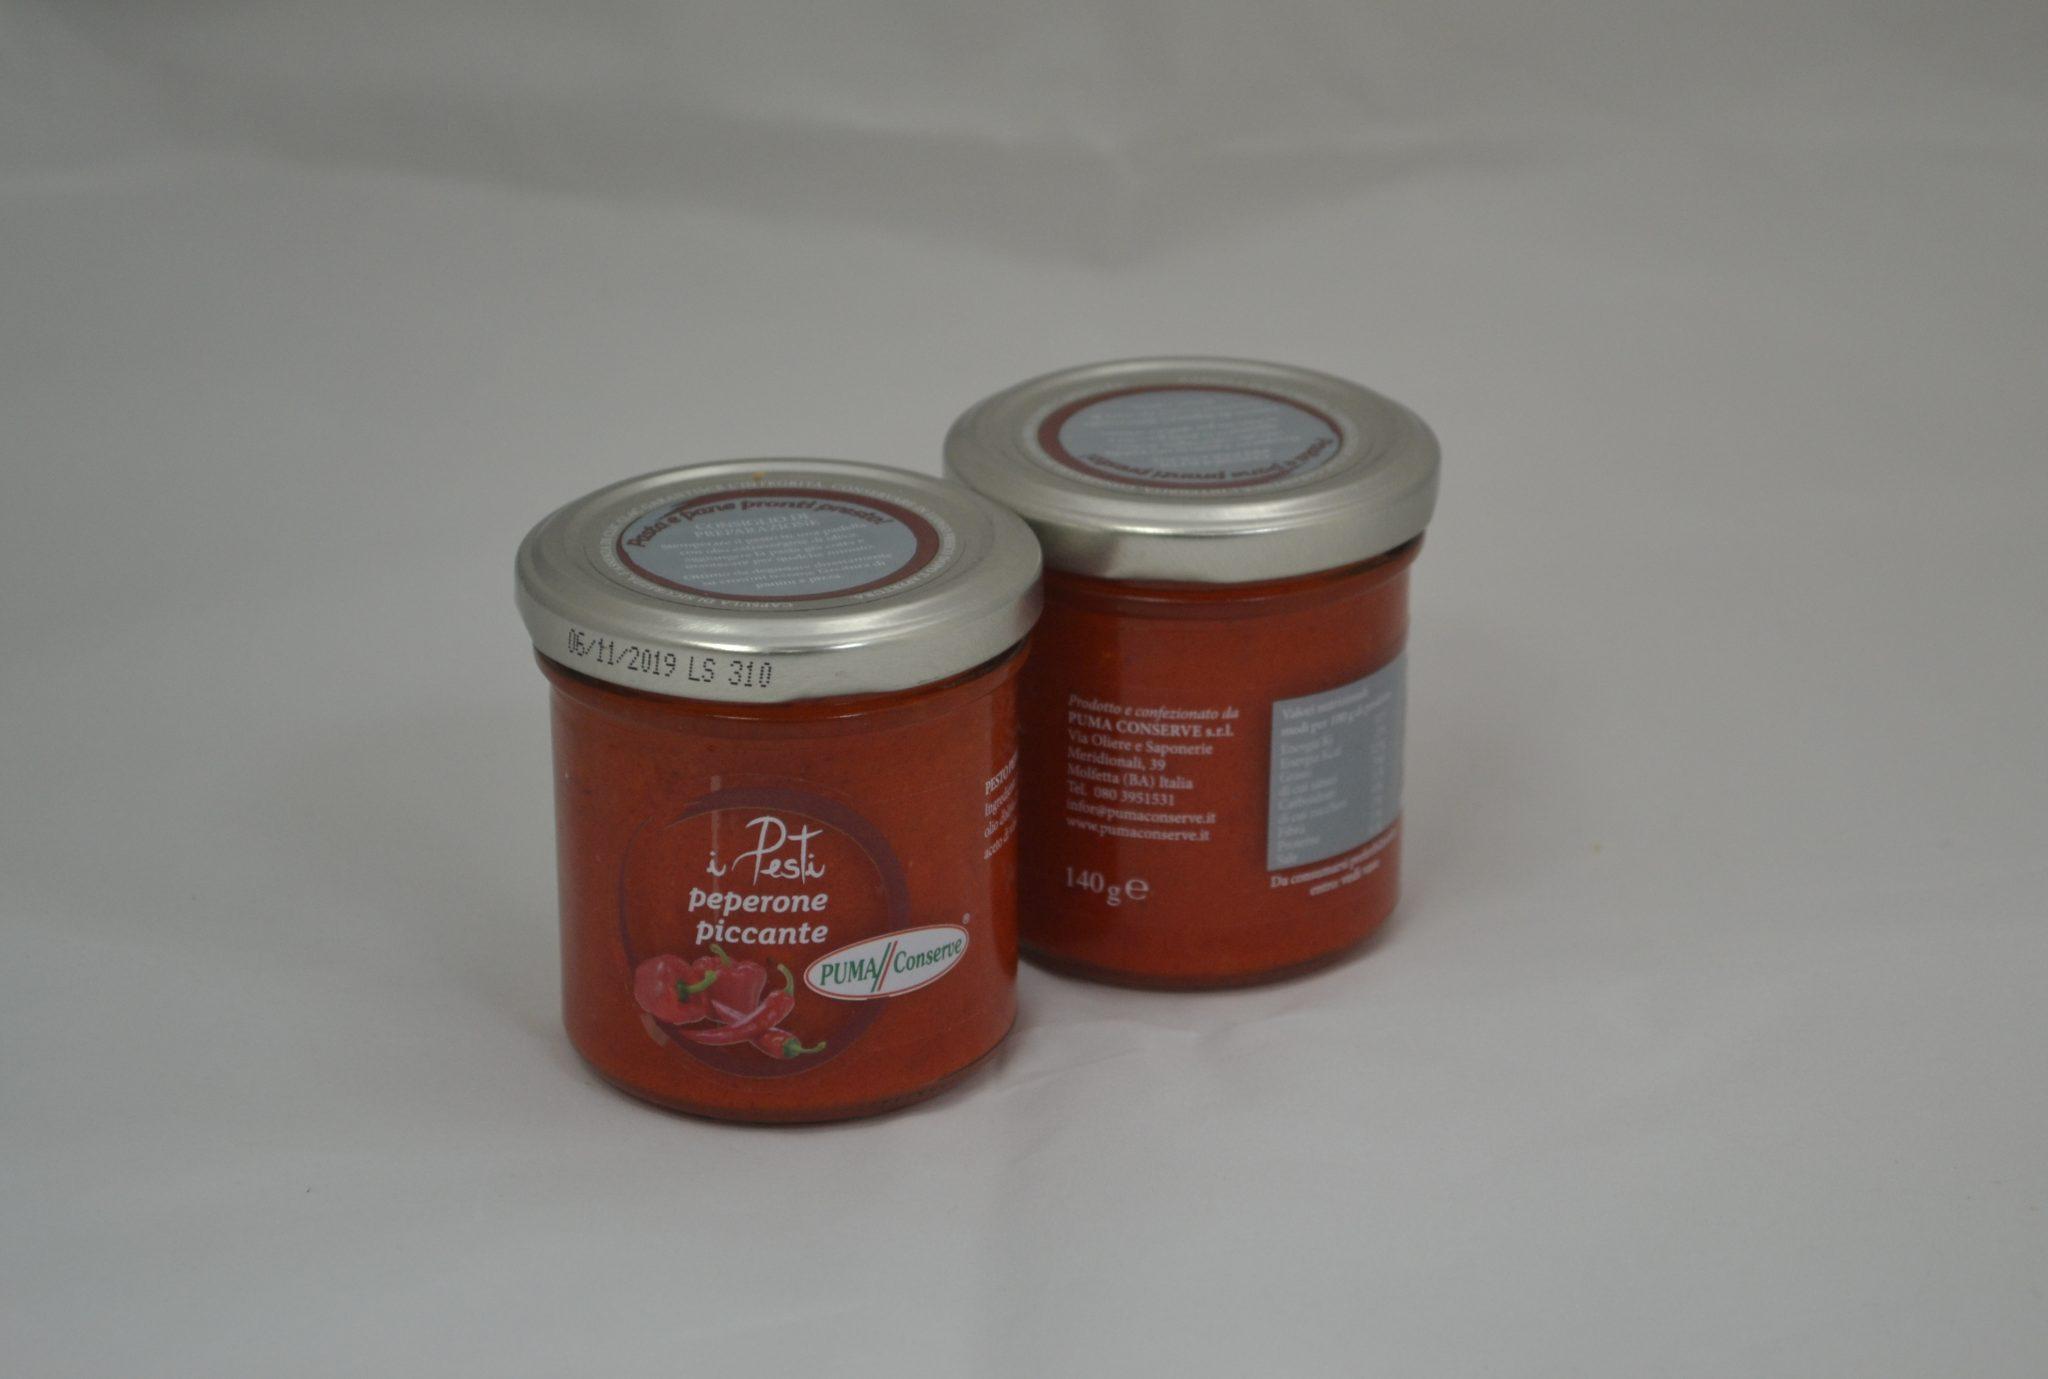 i Pesti peperone piccante